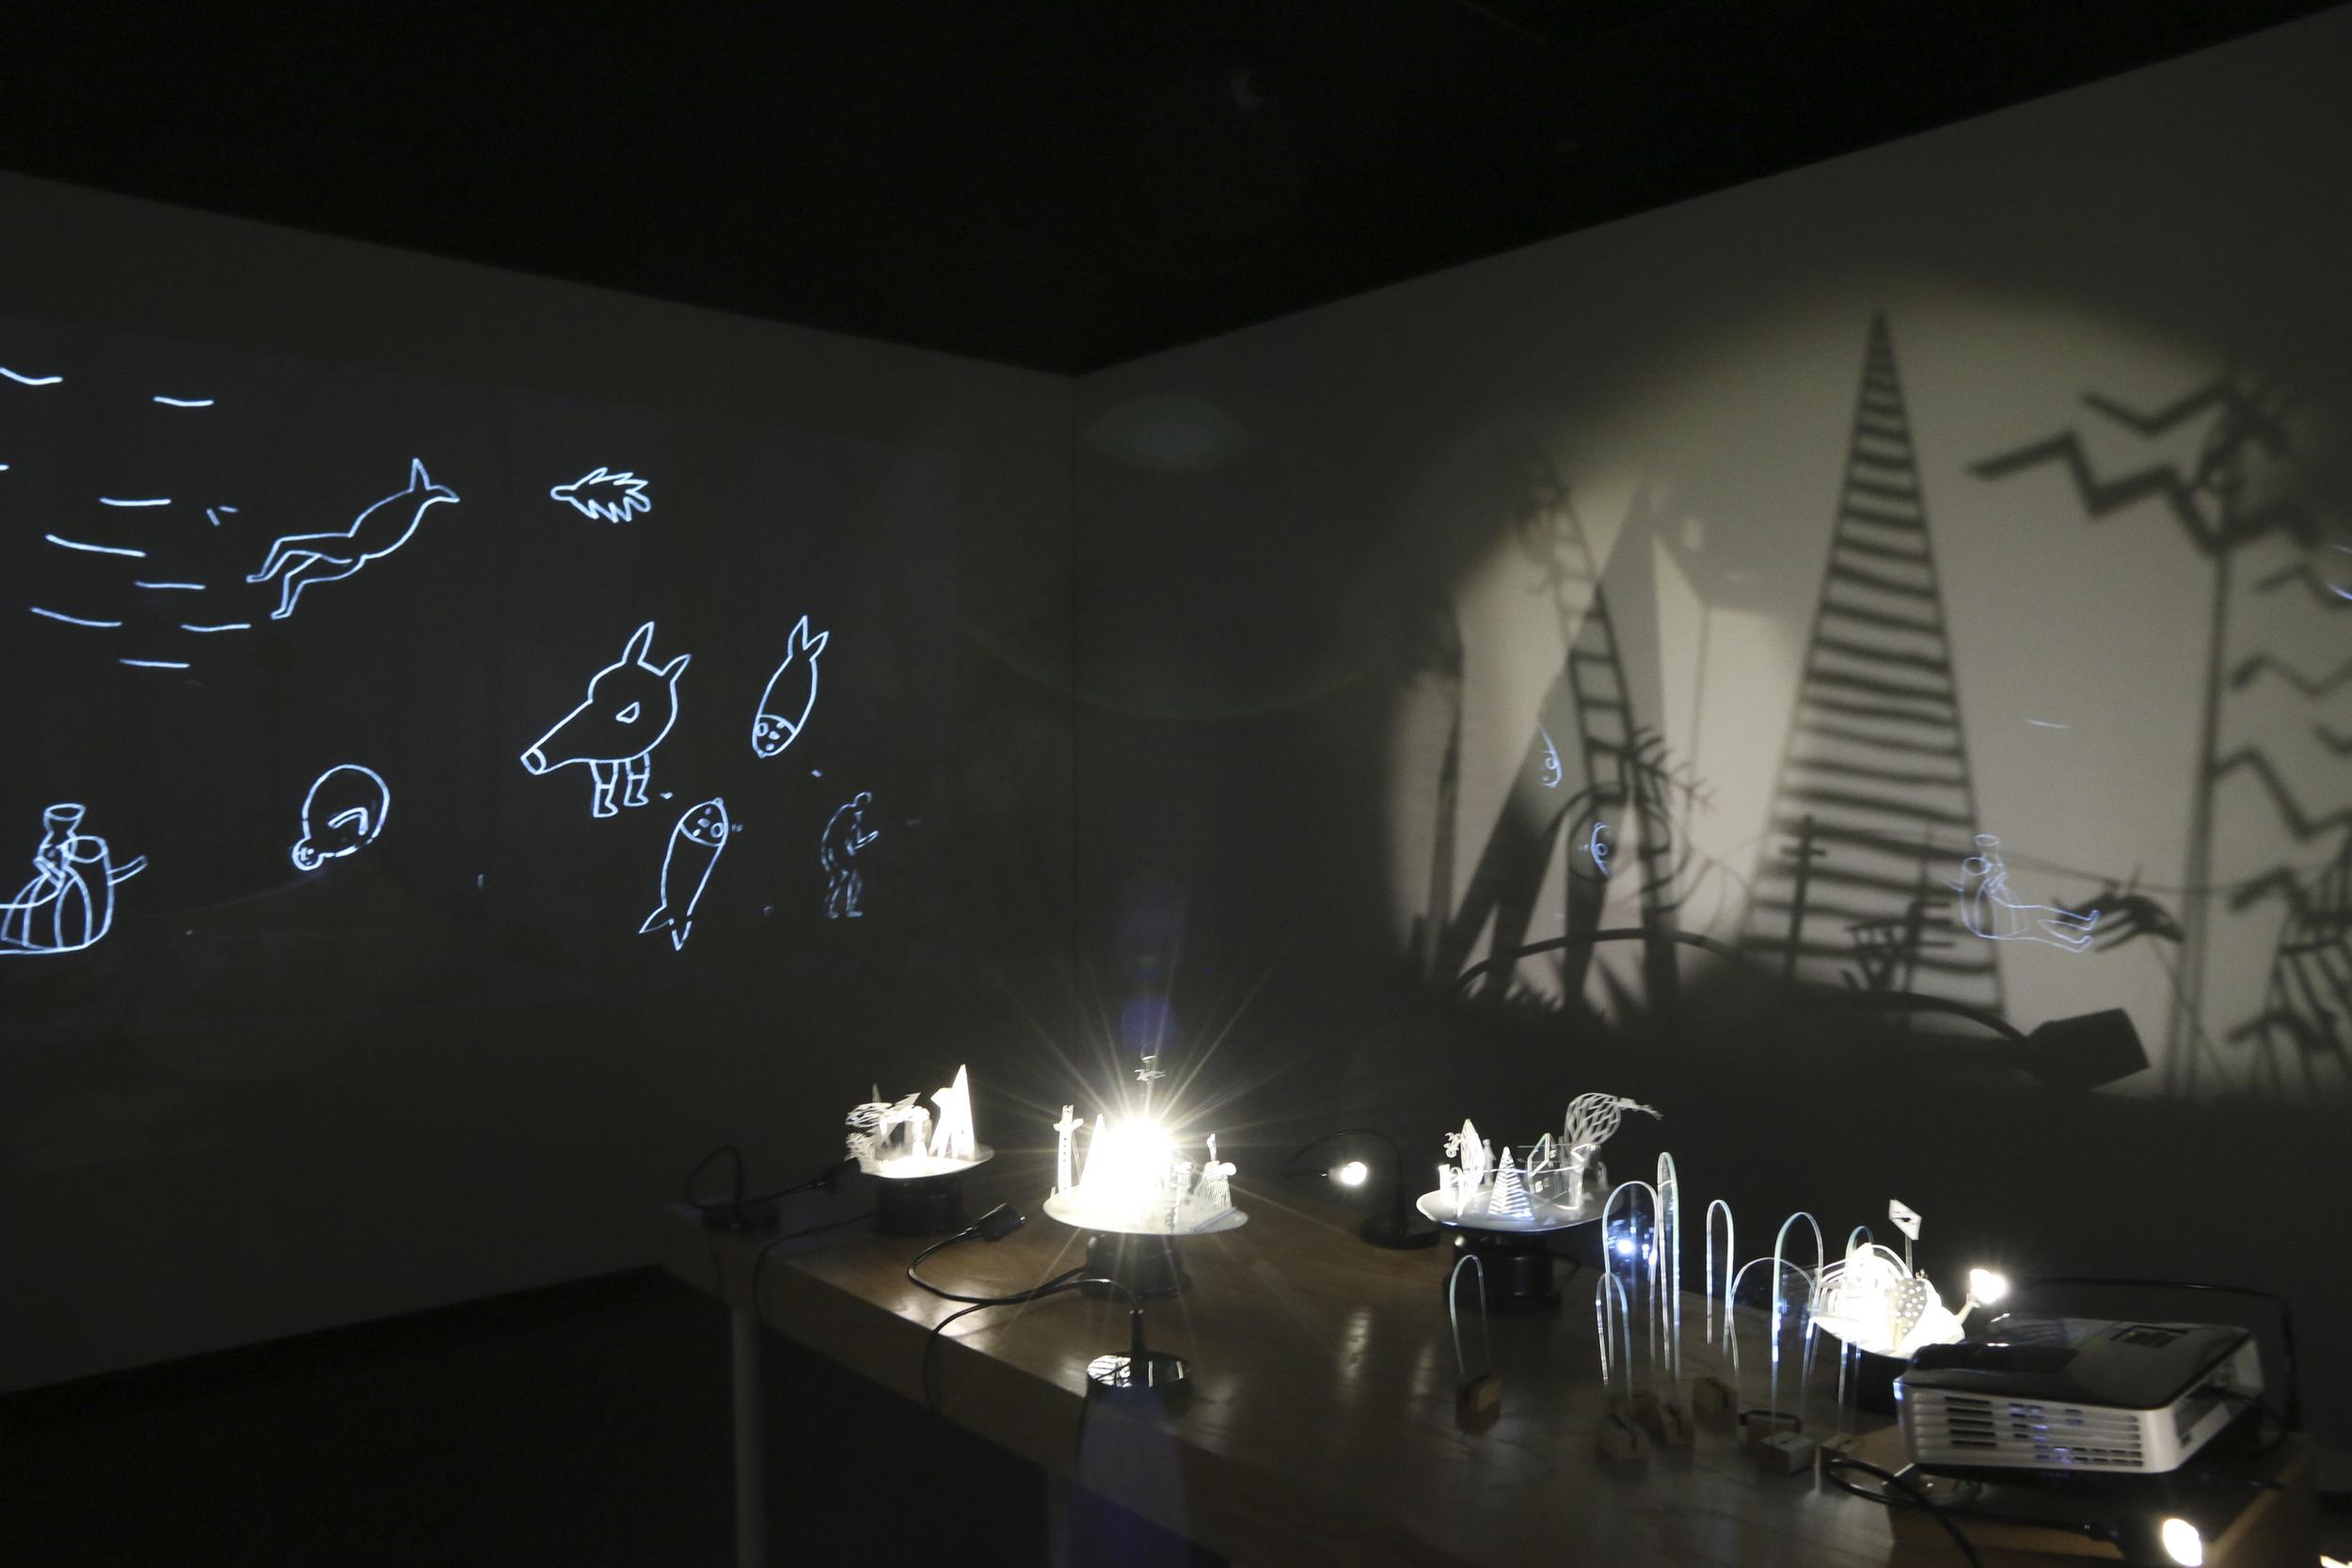 LauraHeit-installation-8.jpg